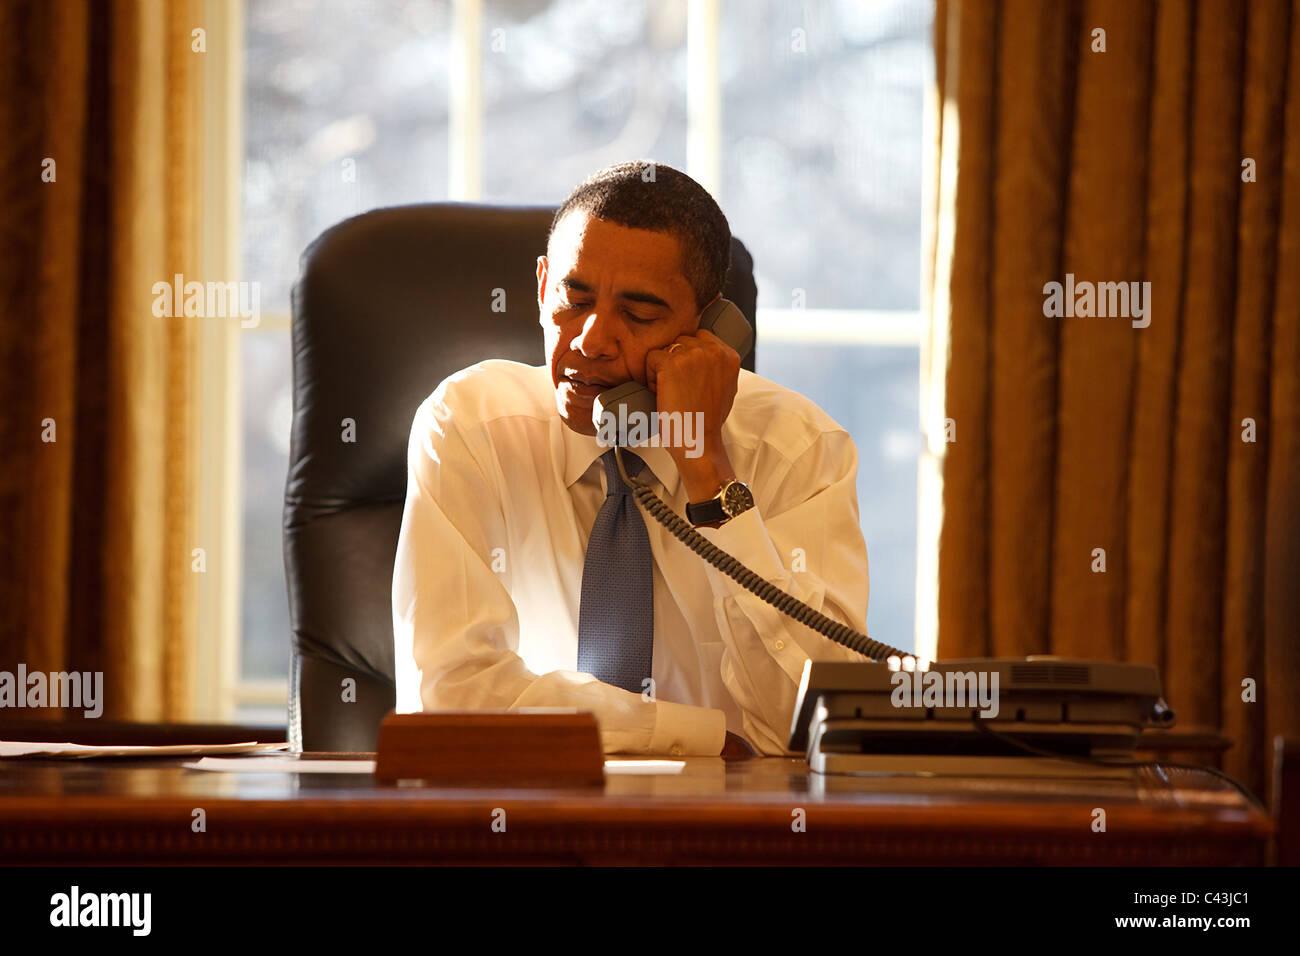 Le président barack obama parle avec un dirigeant étranger dans le